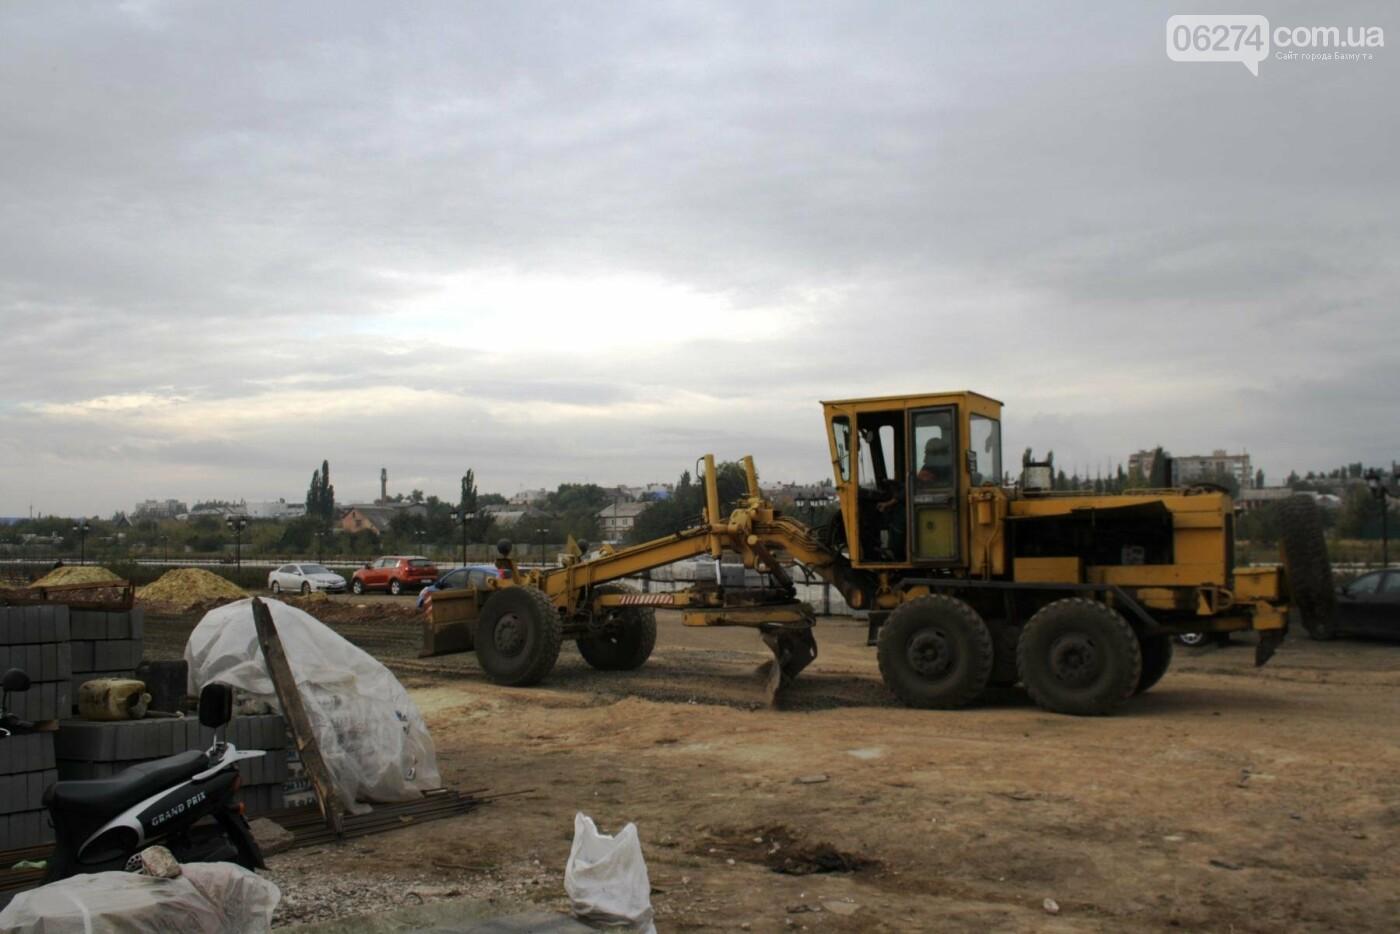 В Бахмуте продолжаются работы по инфраструктурным проектам и благоустройству города, фото-1